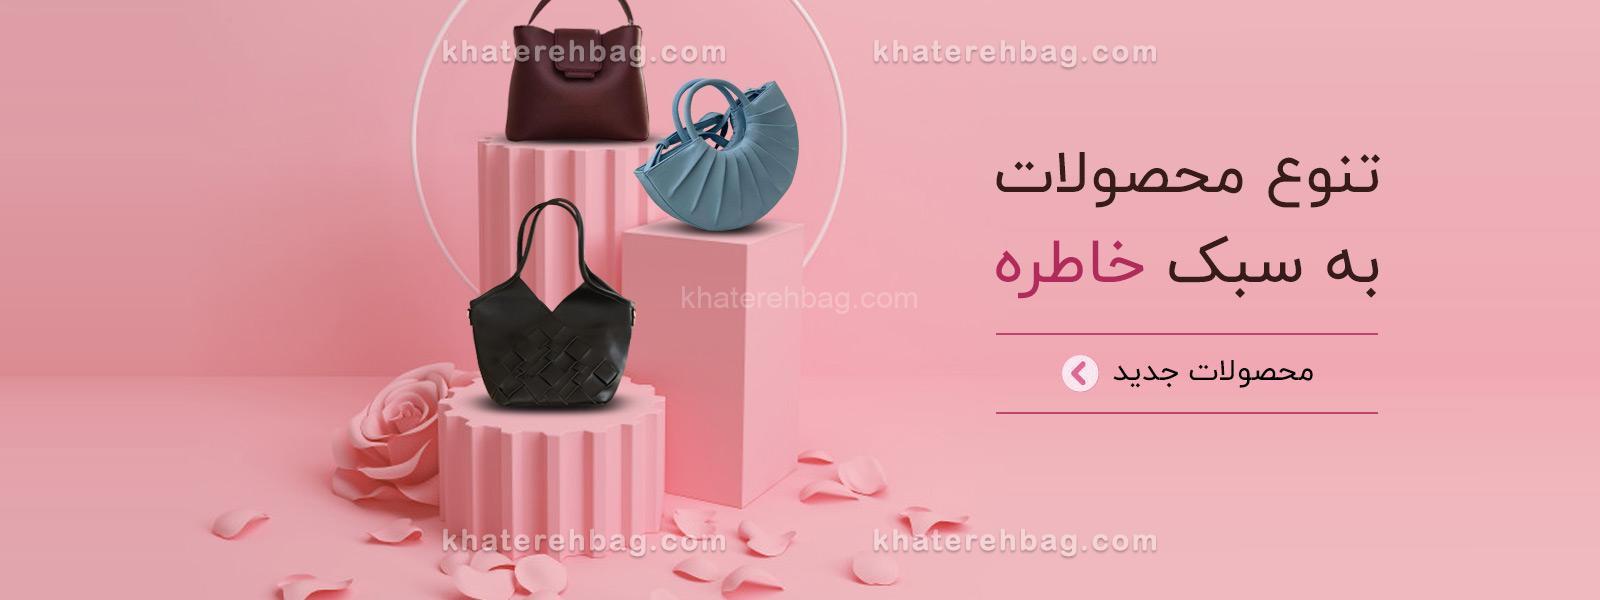 کیف زنانه خاطره